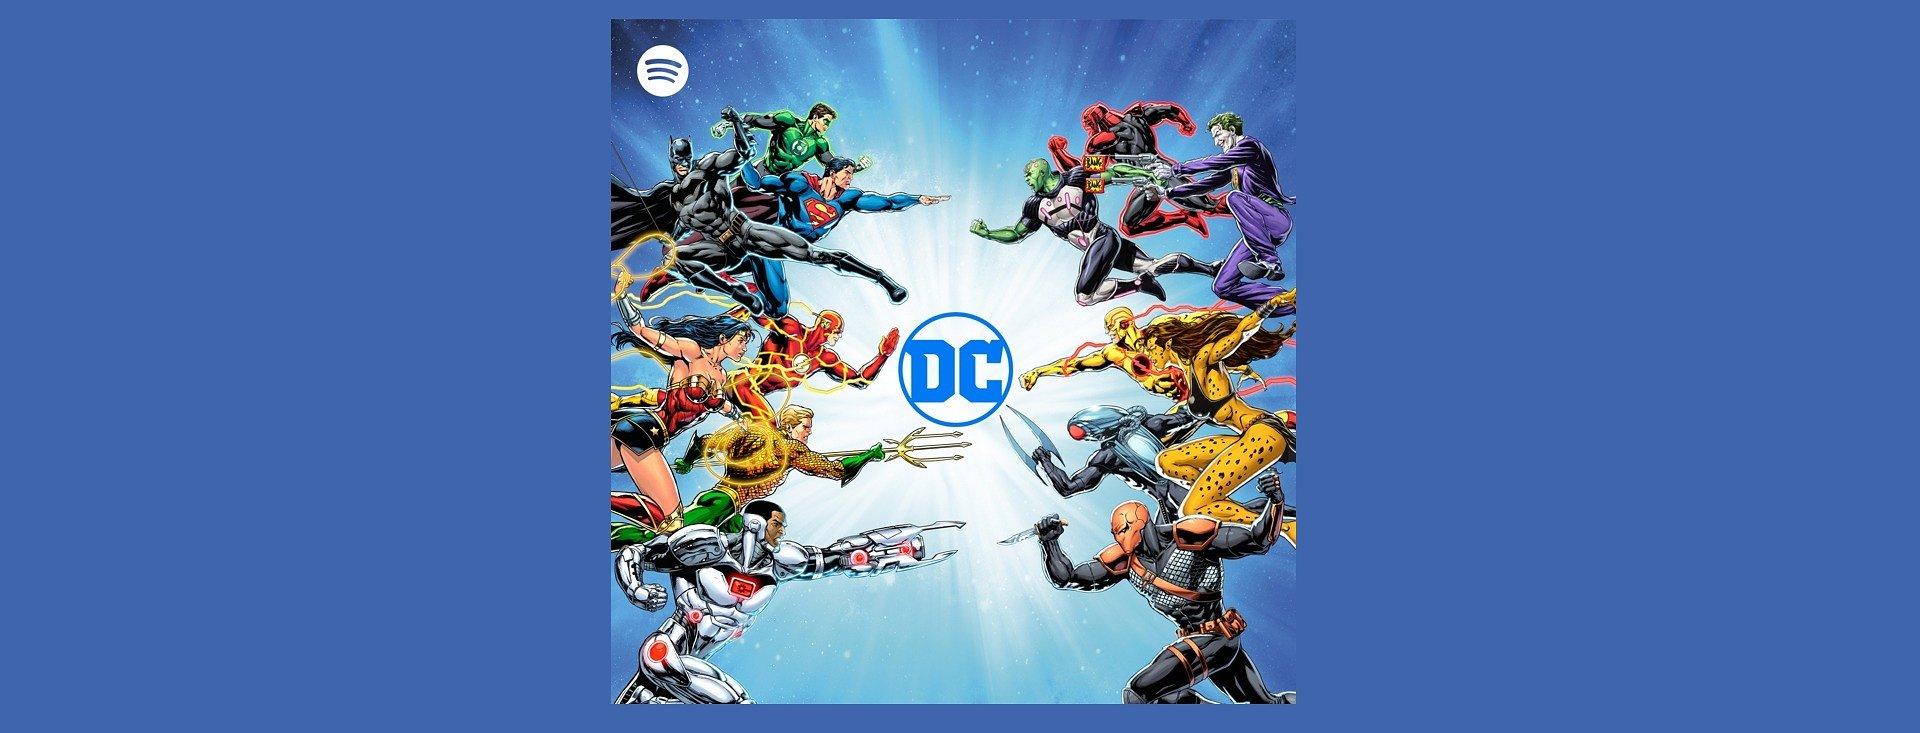 Audio führt das Universum der DC Comics in neue Dimensionen